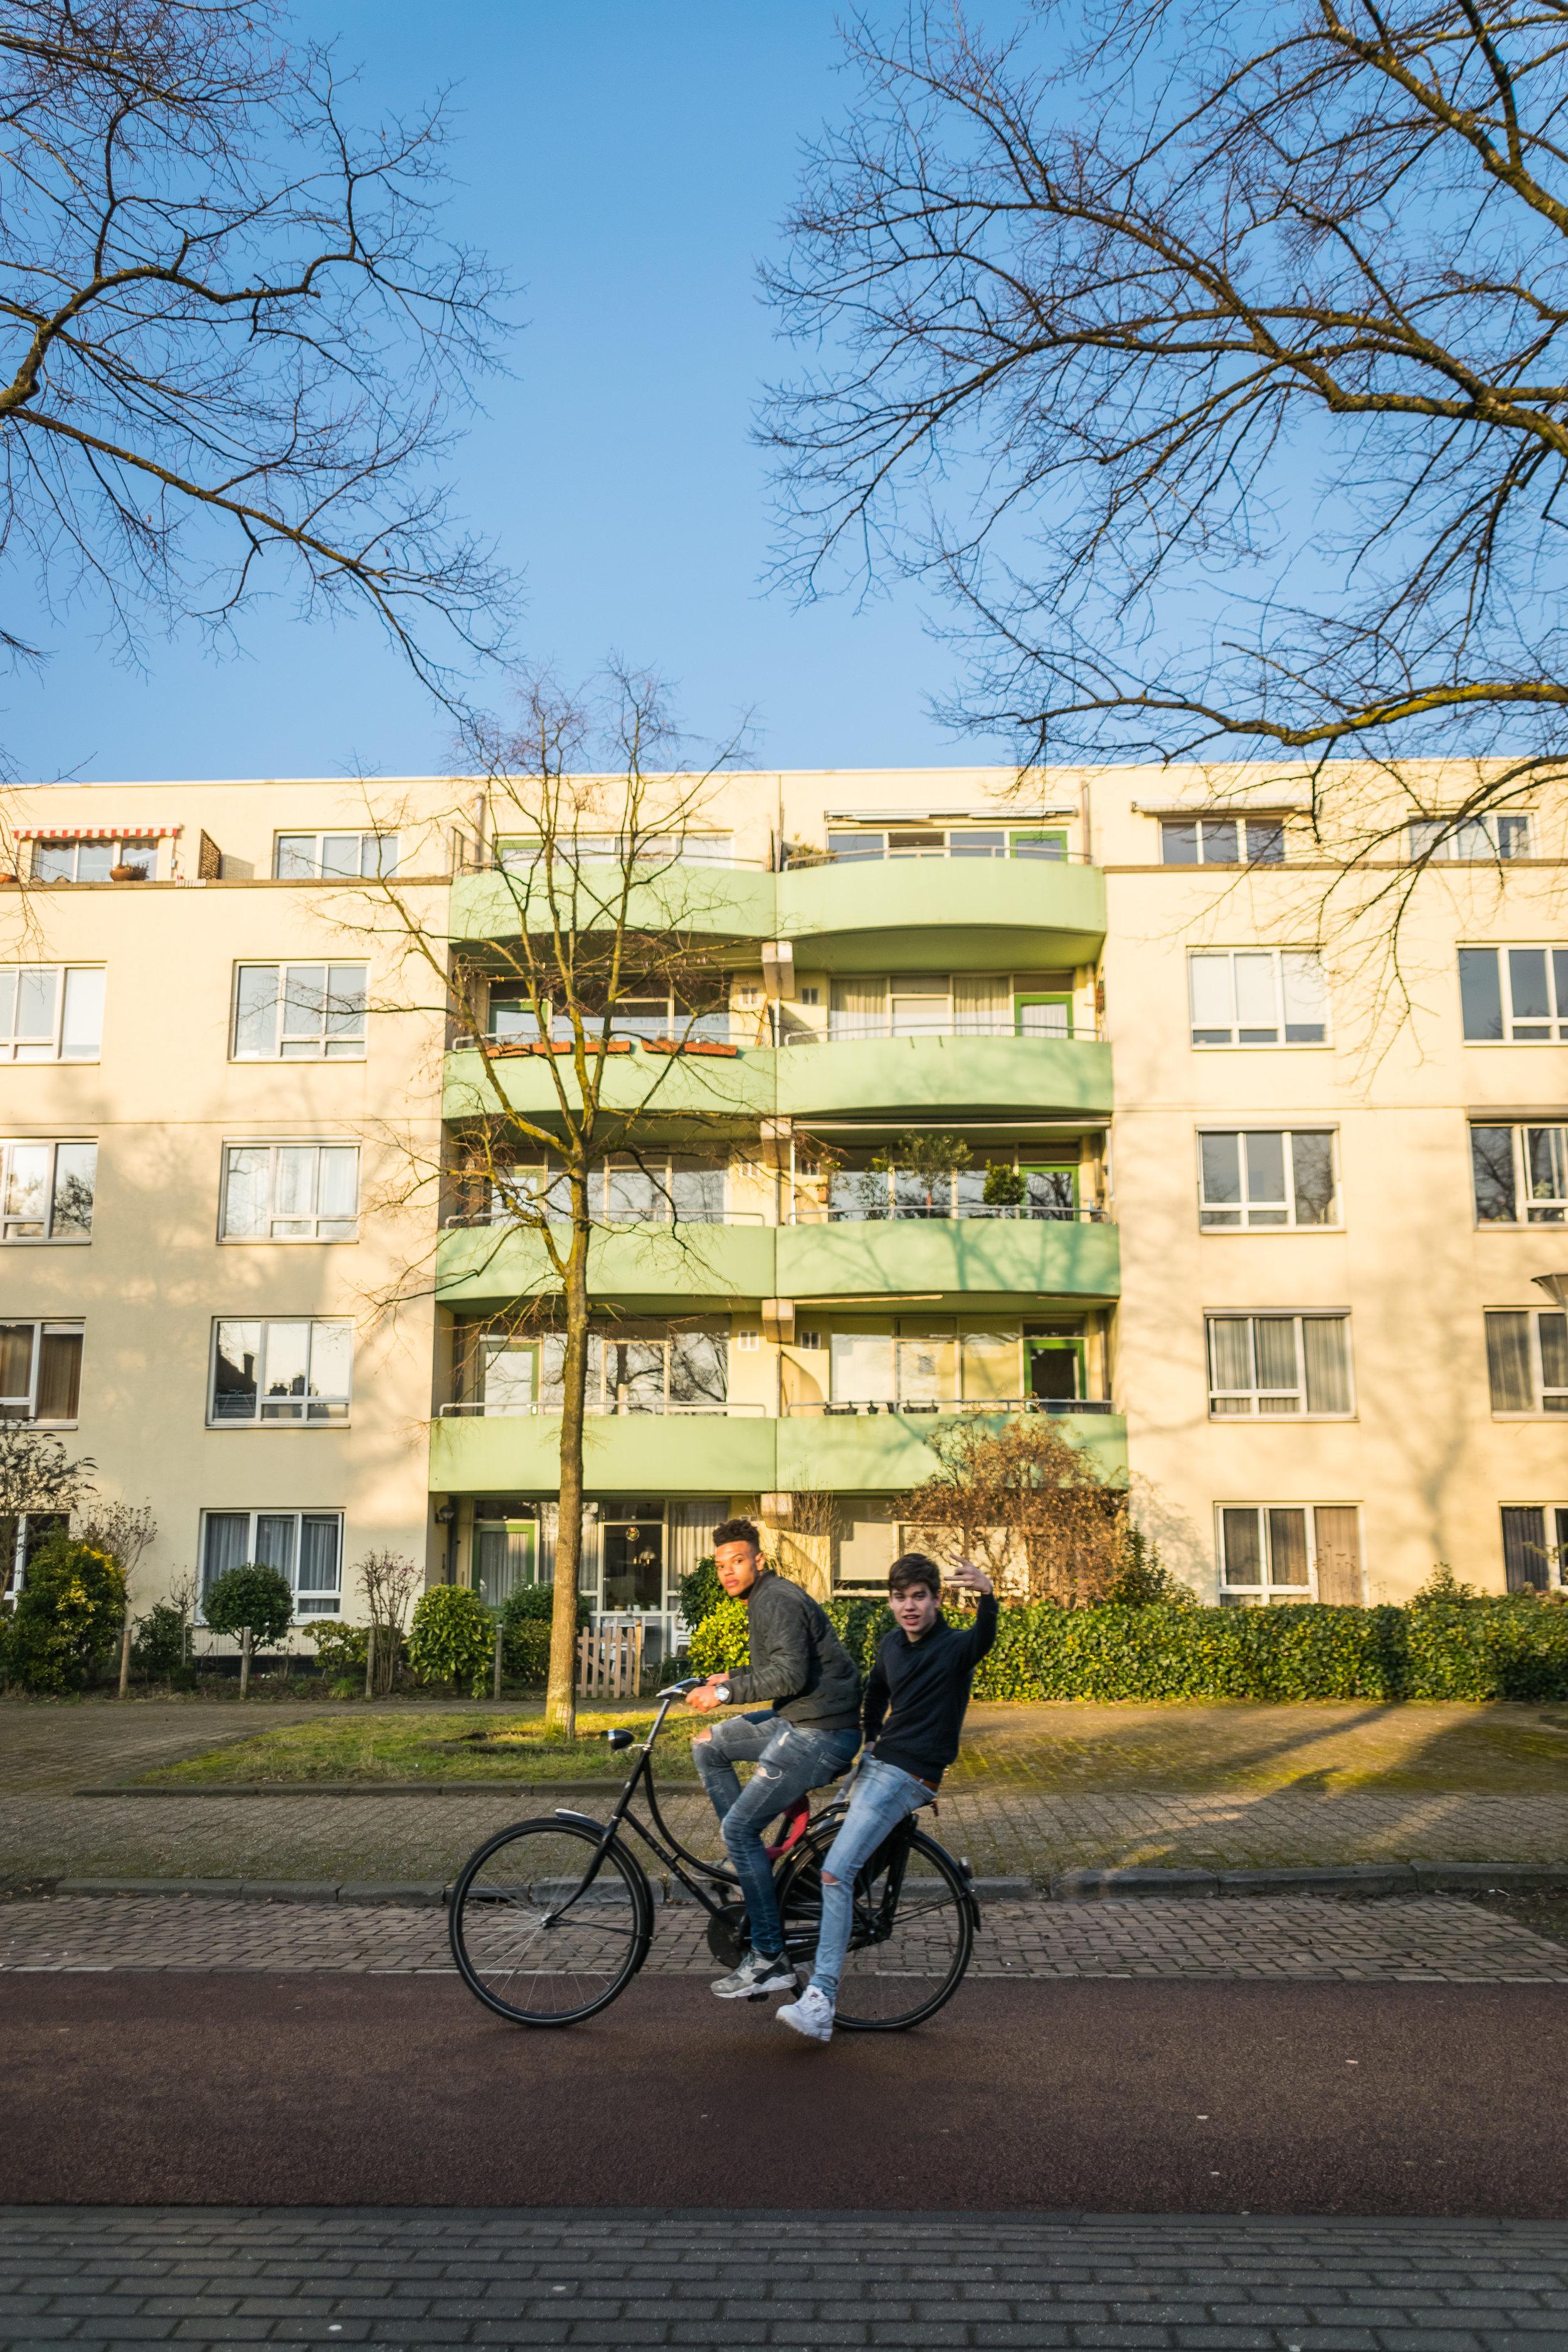 Netherlands_Around+Utrecht-1.jpg